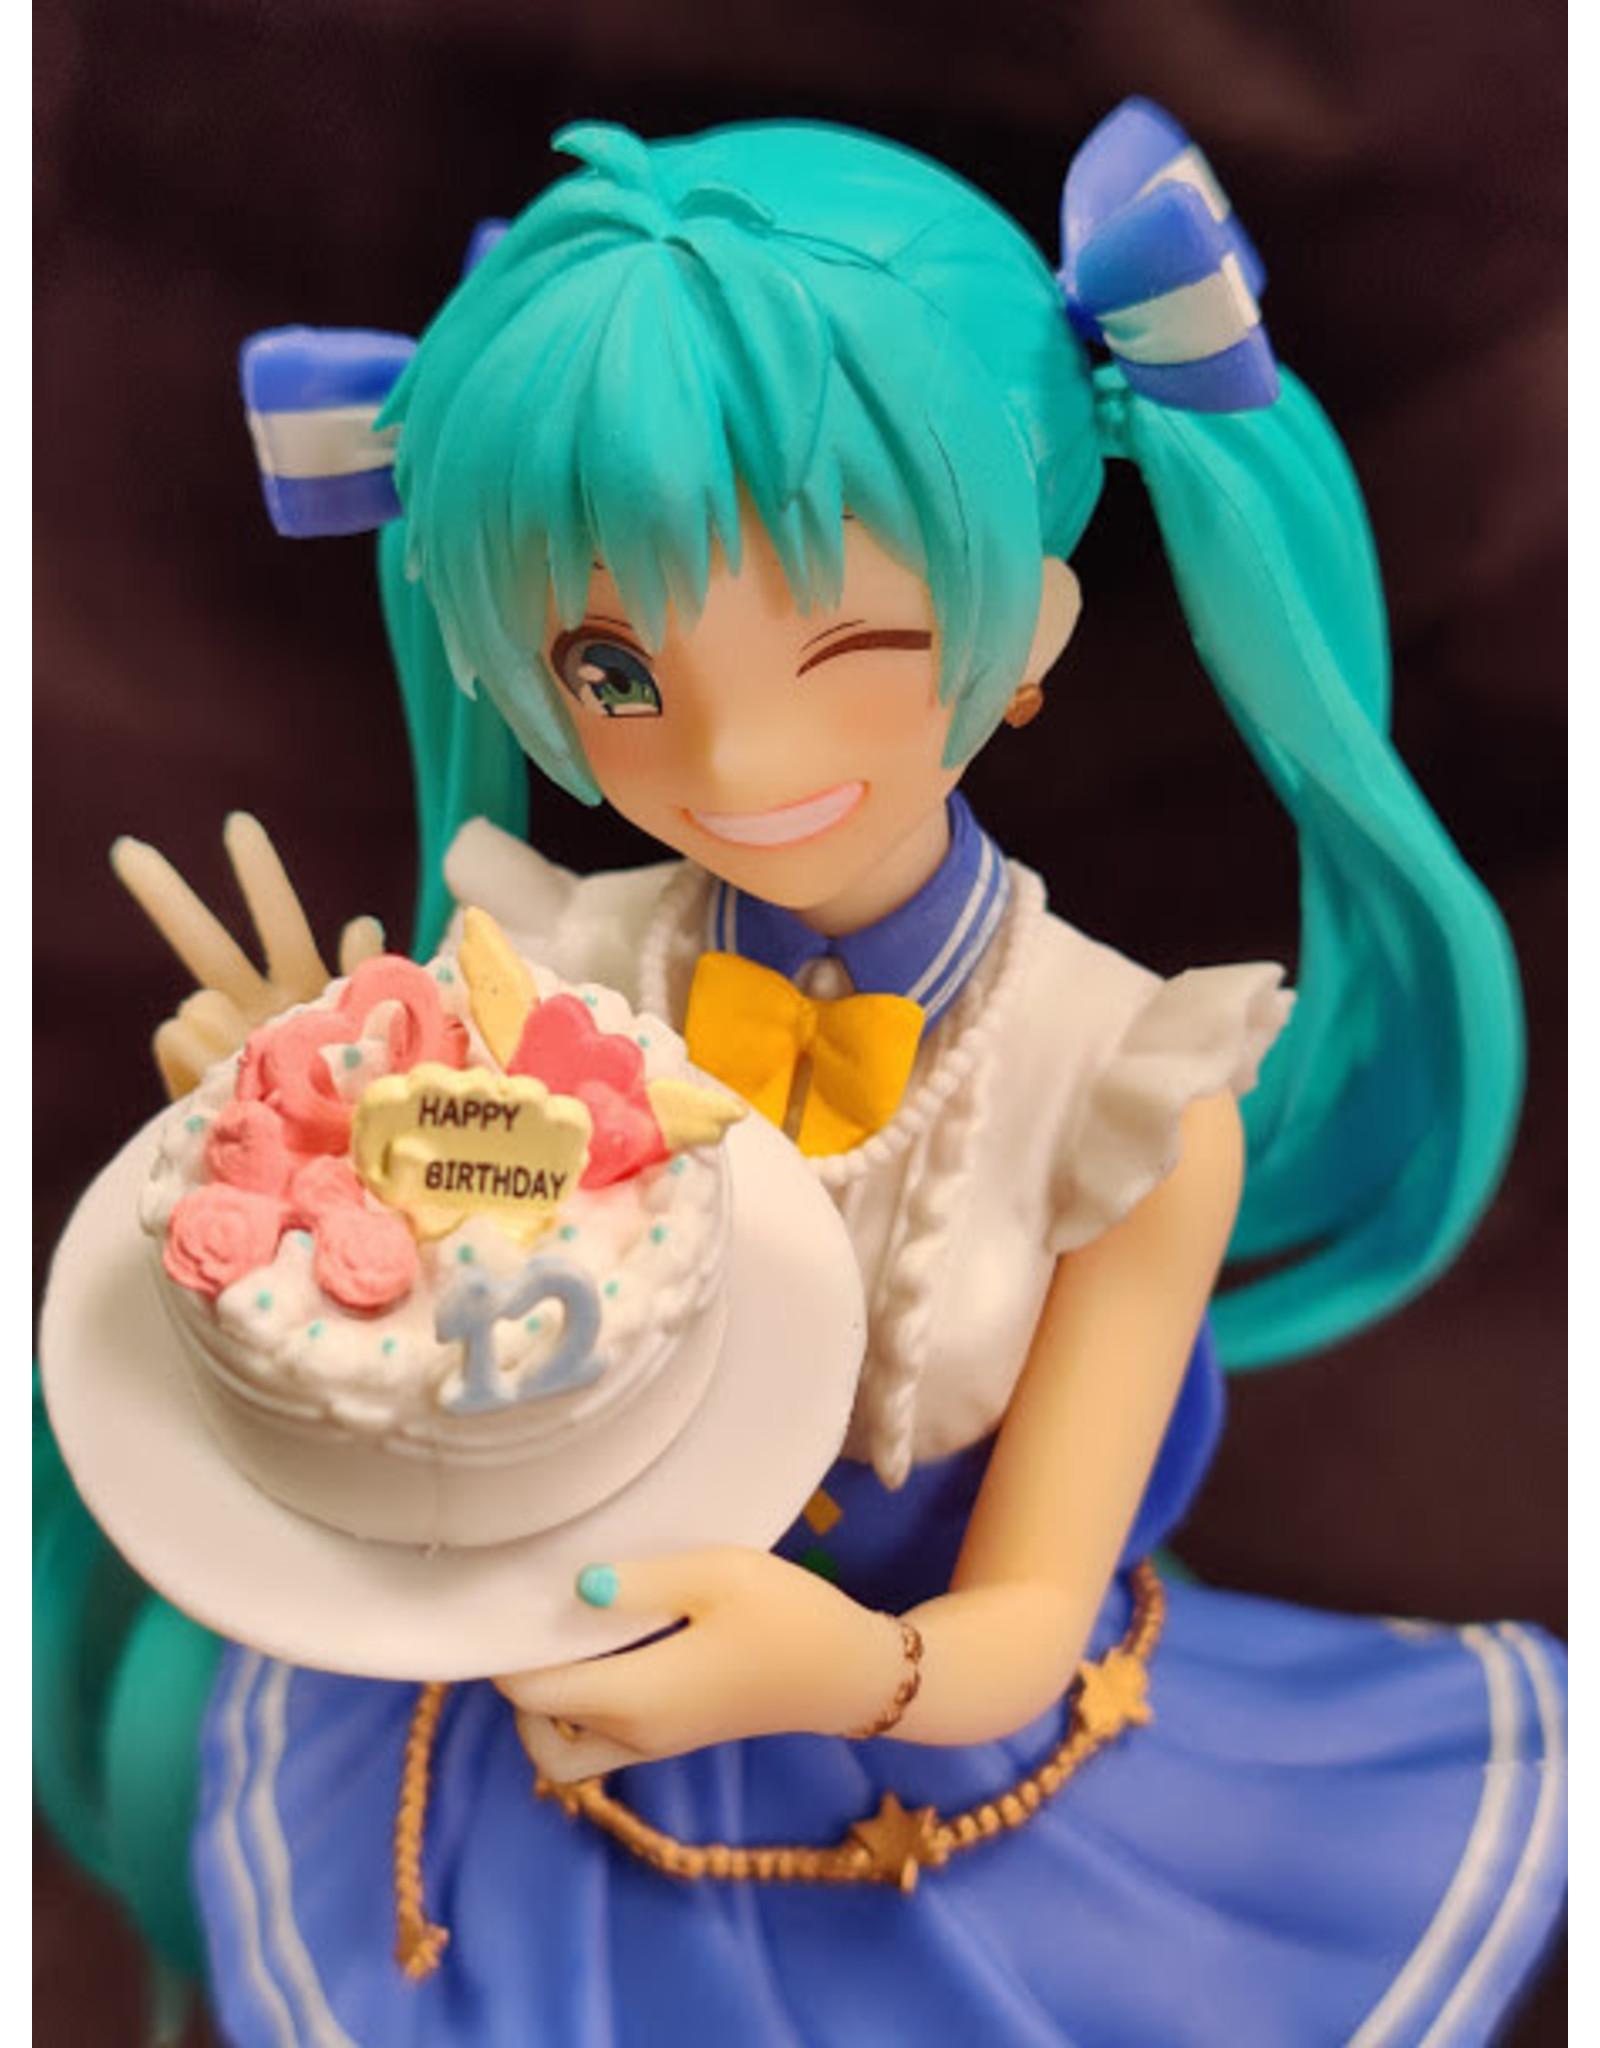 Vocaloid Miku Birthday 2019 Figure